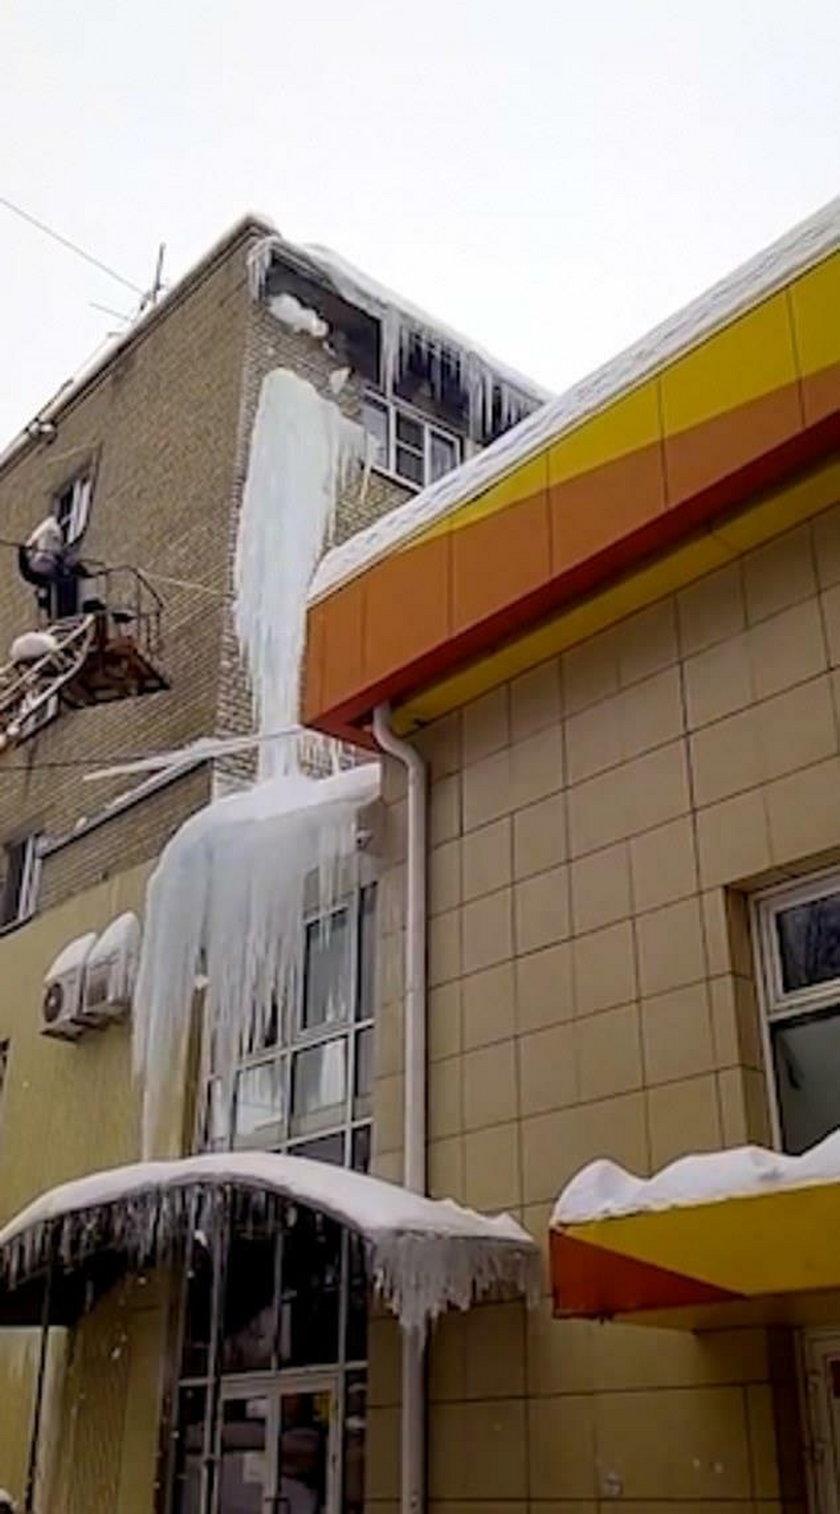 Rosja: Mieli odśnieżyć dach. Coś poszło nie tak